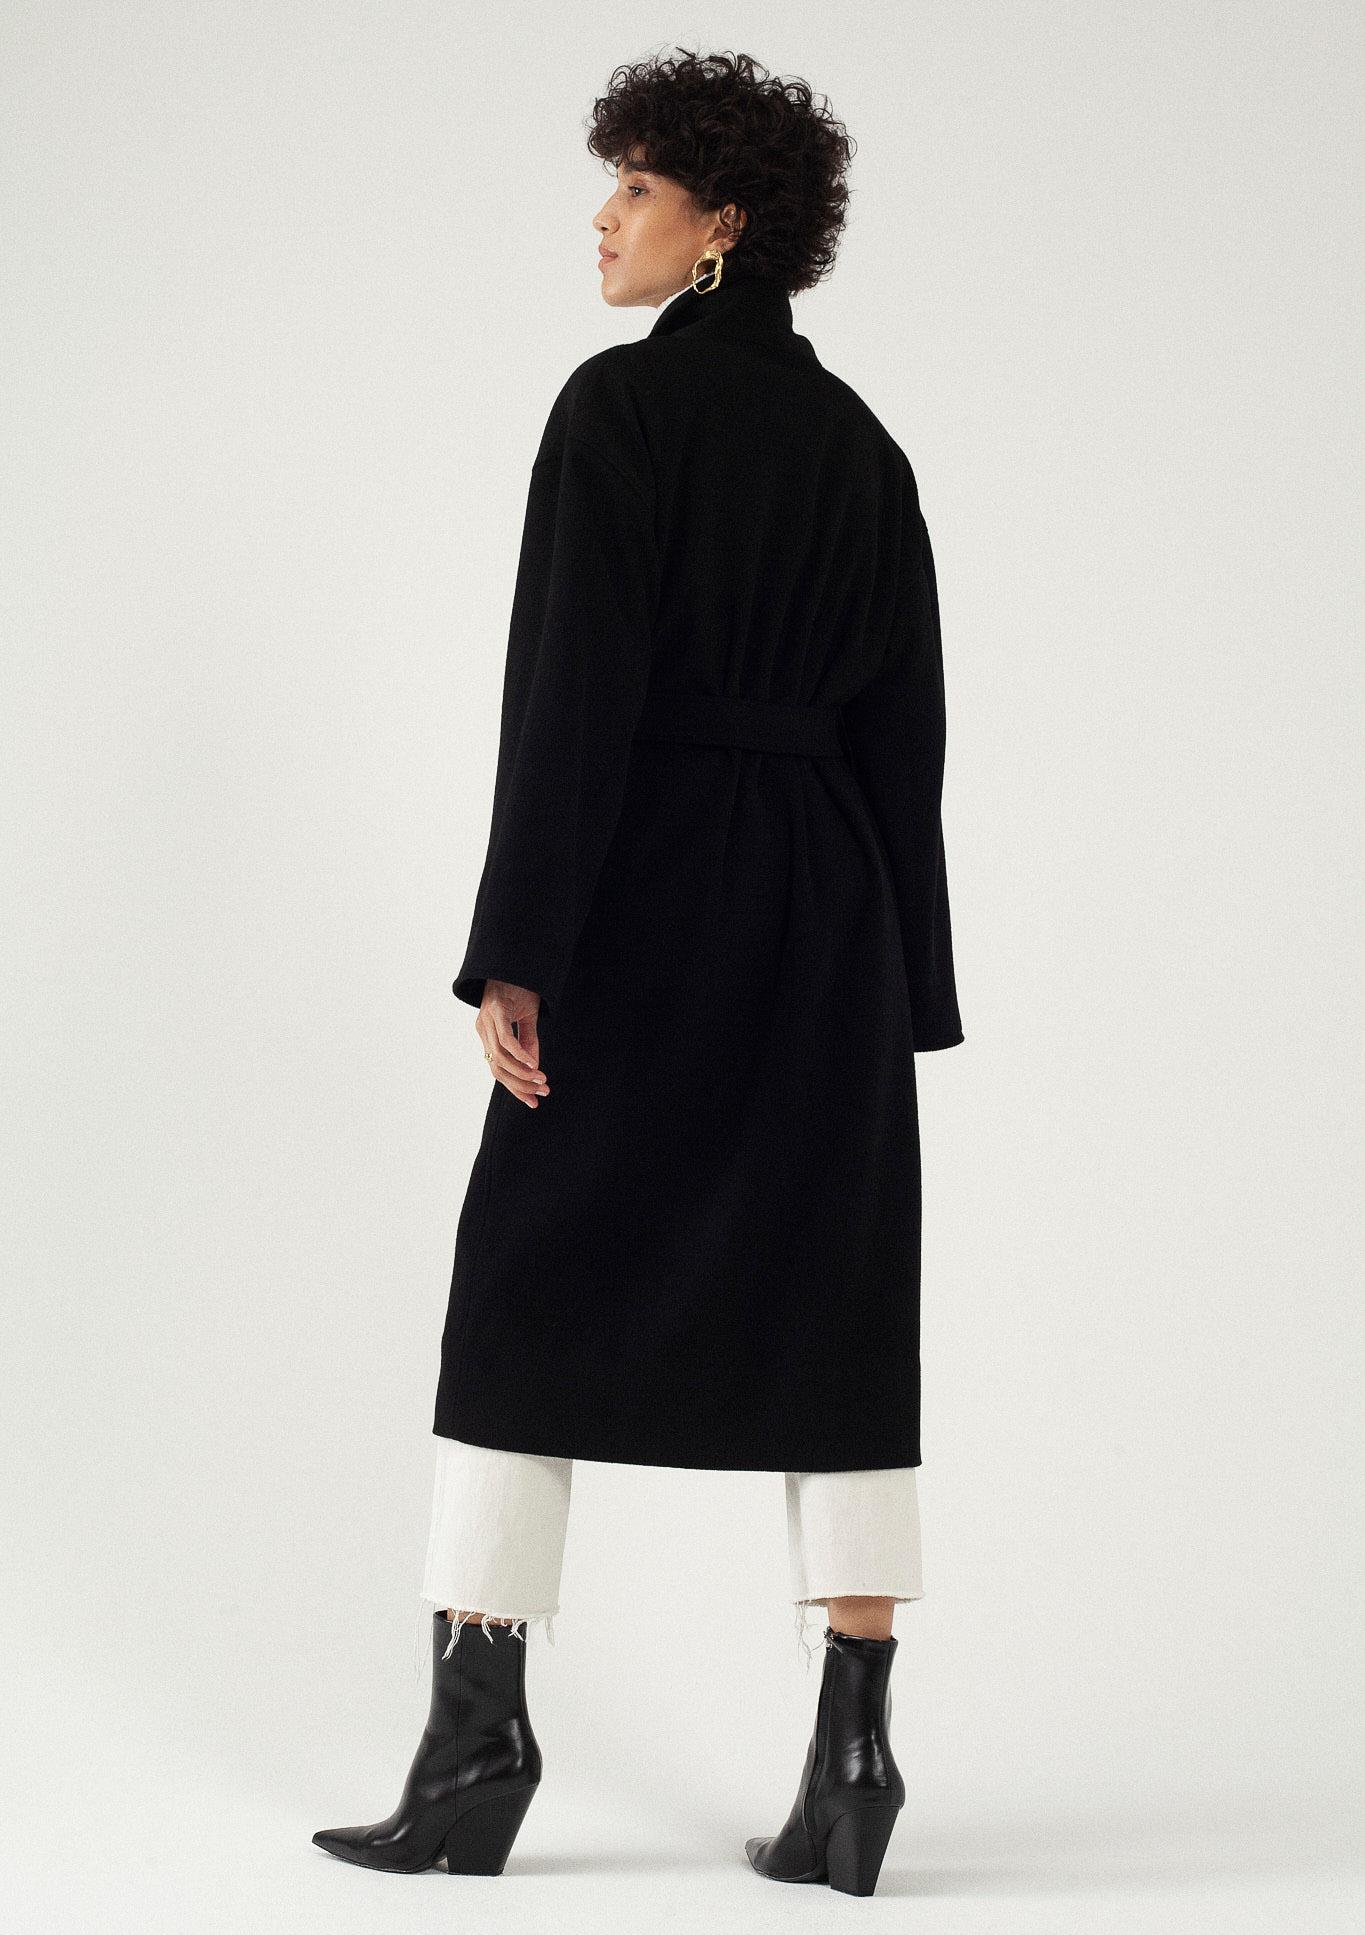 Manteau long noir oversize laine et cachemire par le créateur Tremblepierre. Les Essentiels chez AFFAIRES ÉTRANGÈRES - 4